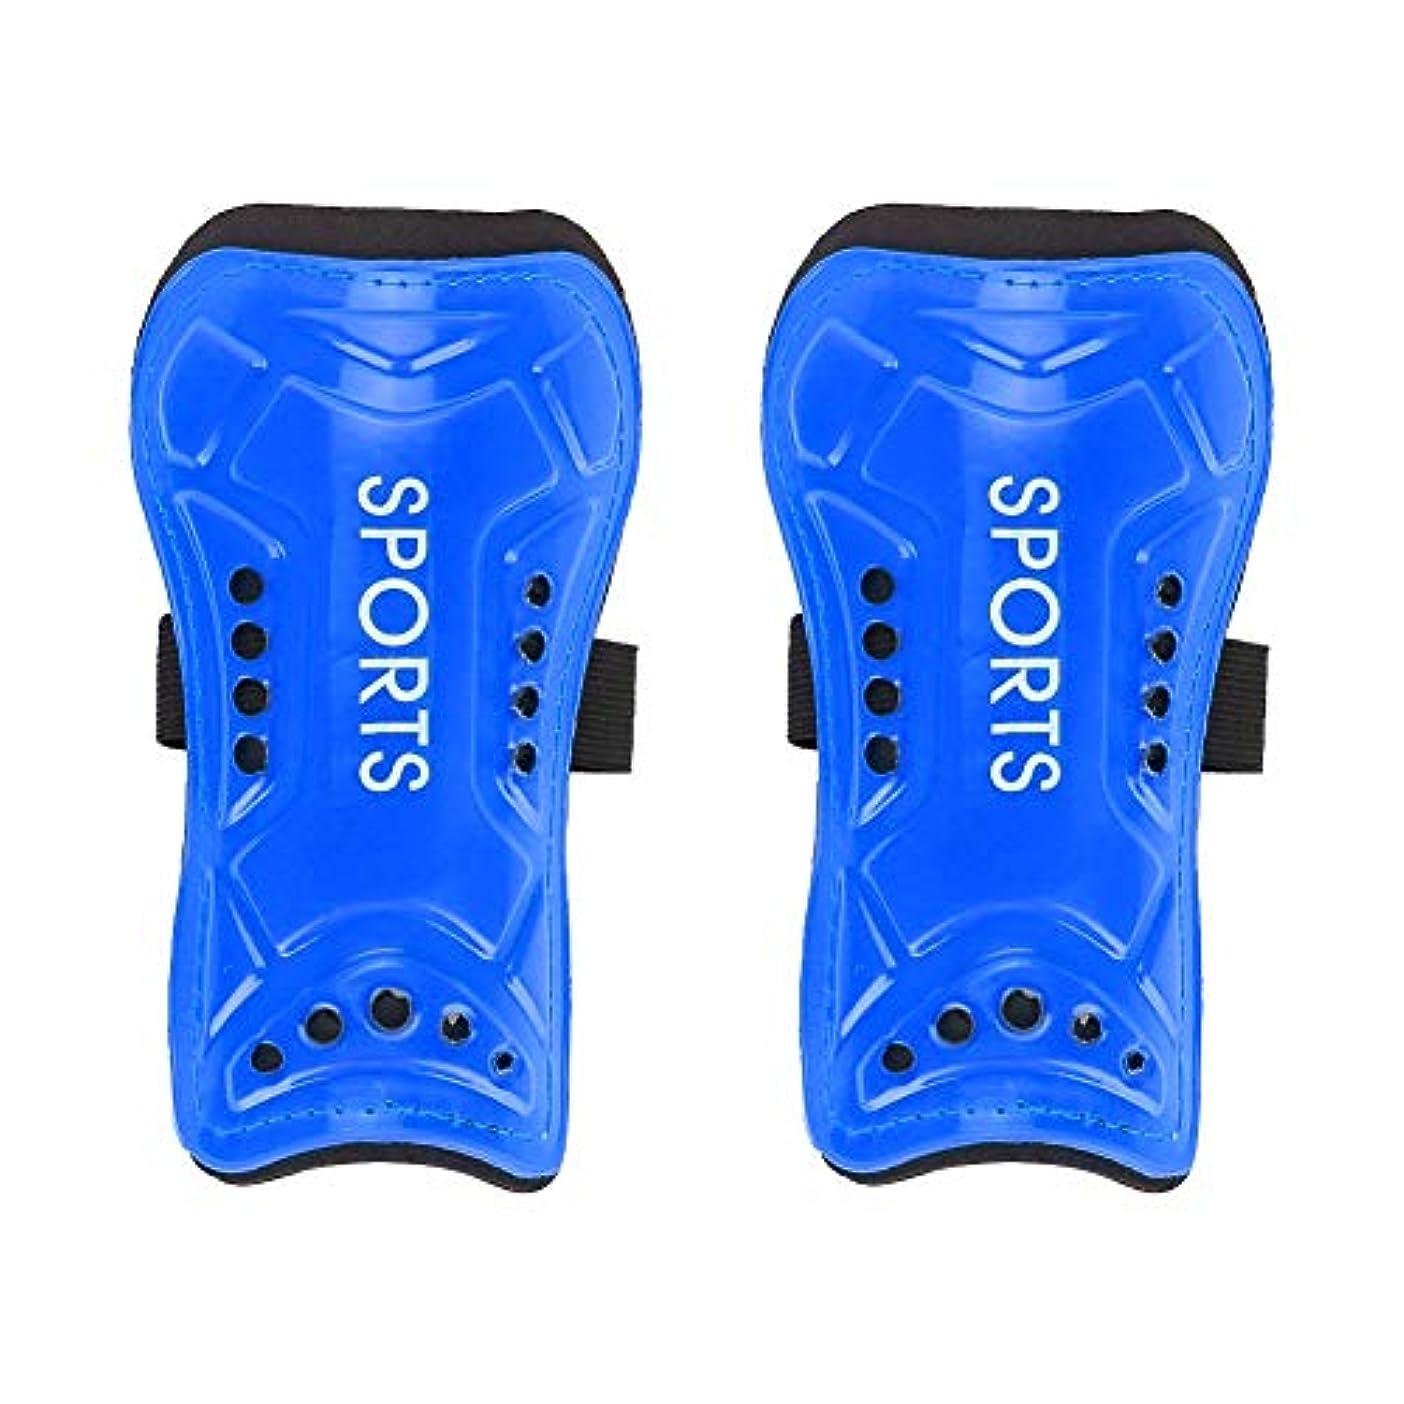 チェススタック同化するShin Pads、チャイルドフットボールShin Padsトレーニングレッグガードスポーツ安全プロテクターアジャスタブルストラップ